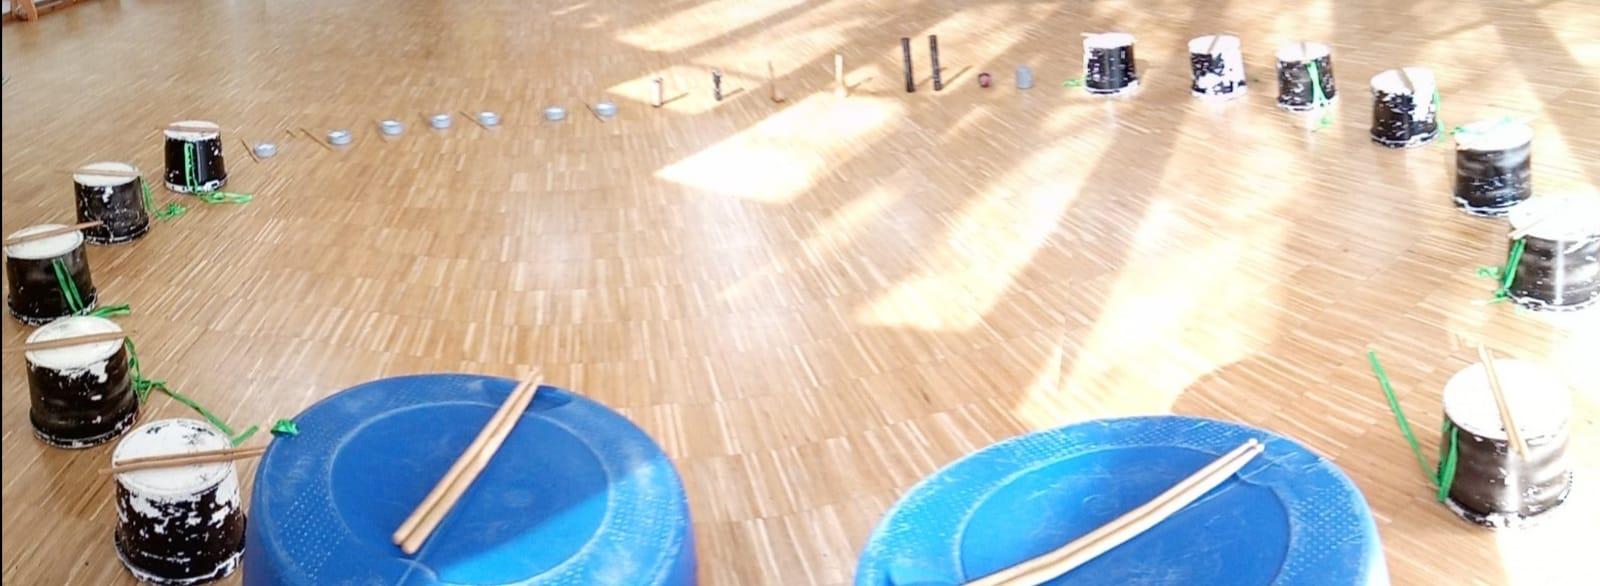 Taller de percussió amb instruments reciclats Tocart Percusión